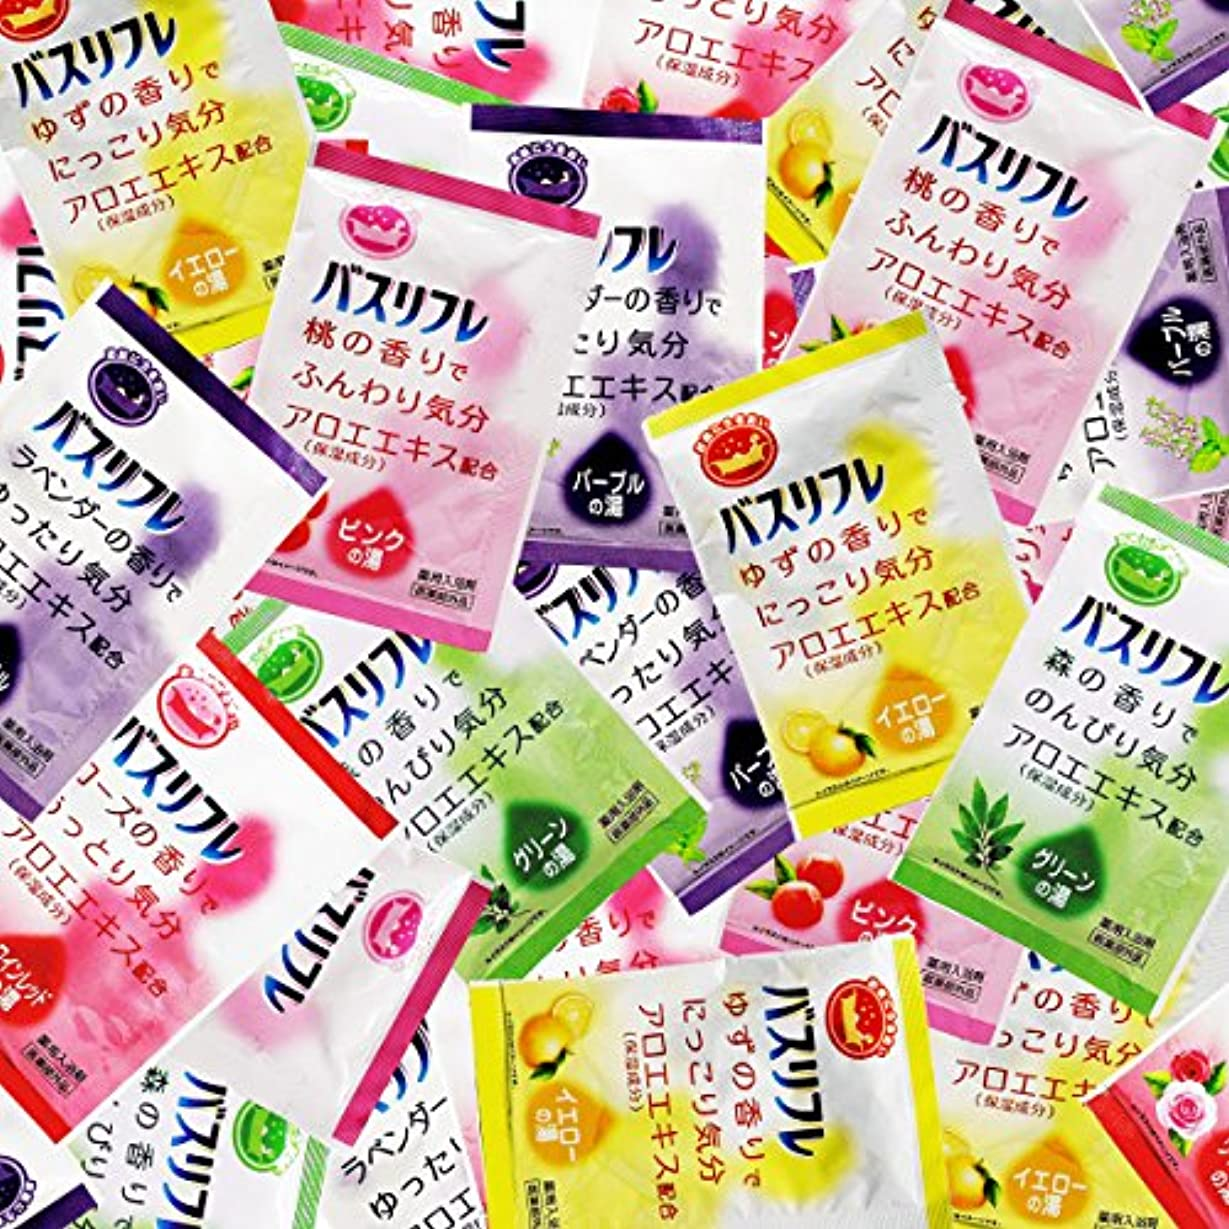 薬用入浴剤 バスリフレ 5種類の香り アソート 120袋セット 入浴剤 詰め合わせ 人気 アロマ 福袋 医薬部外品